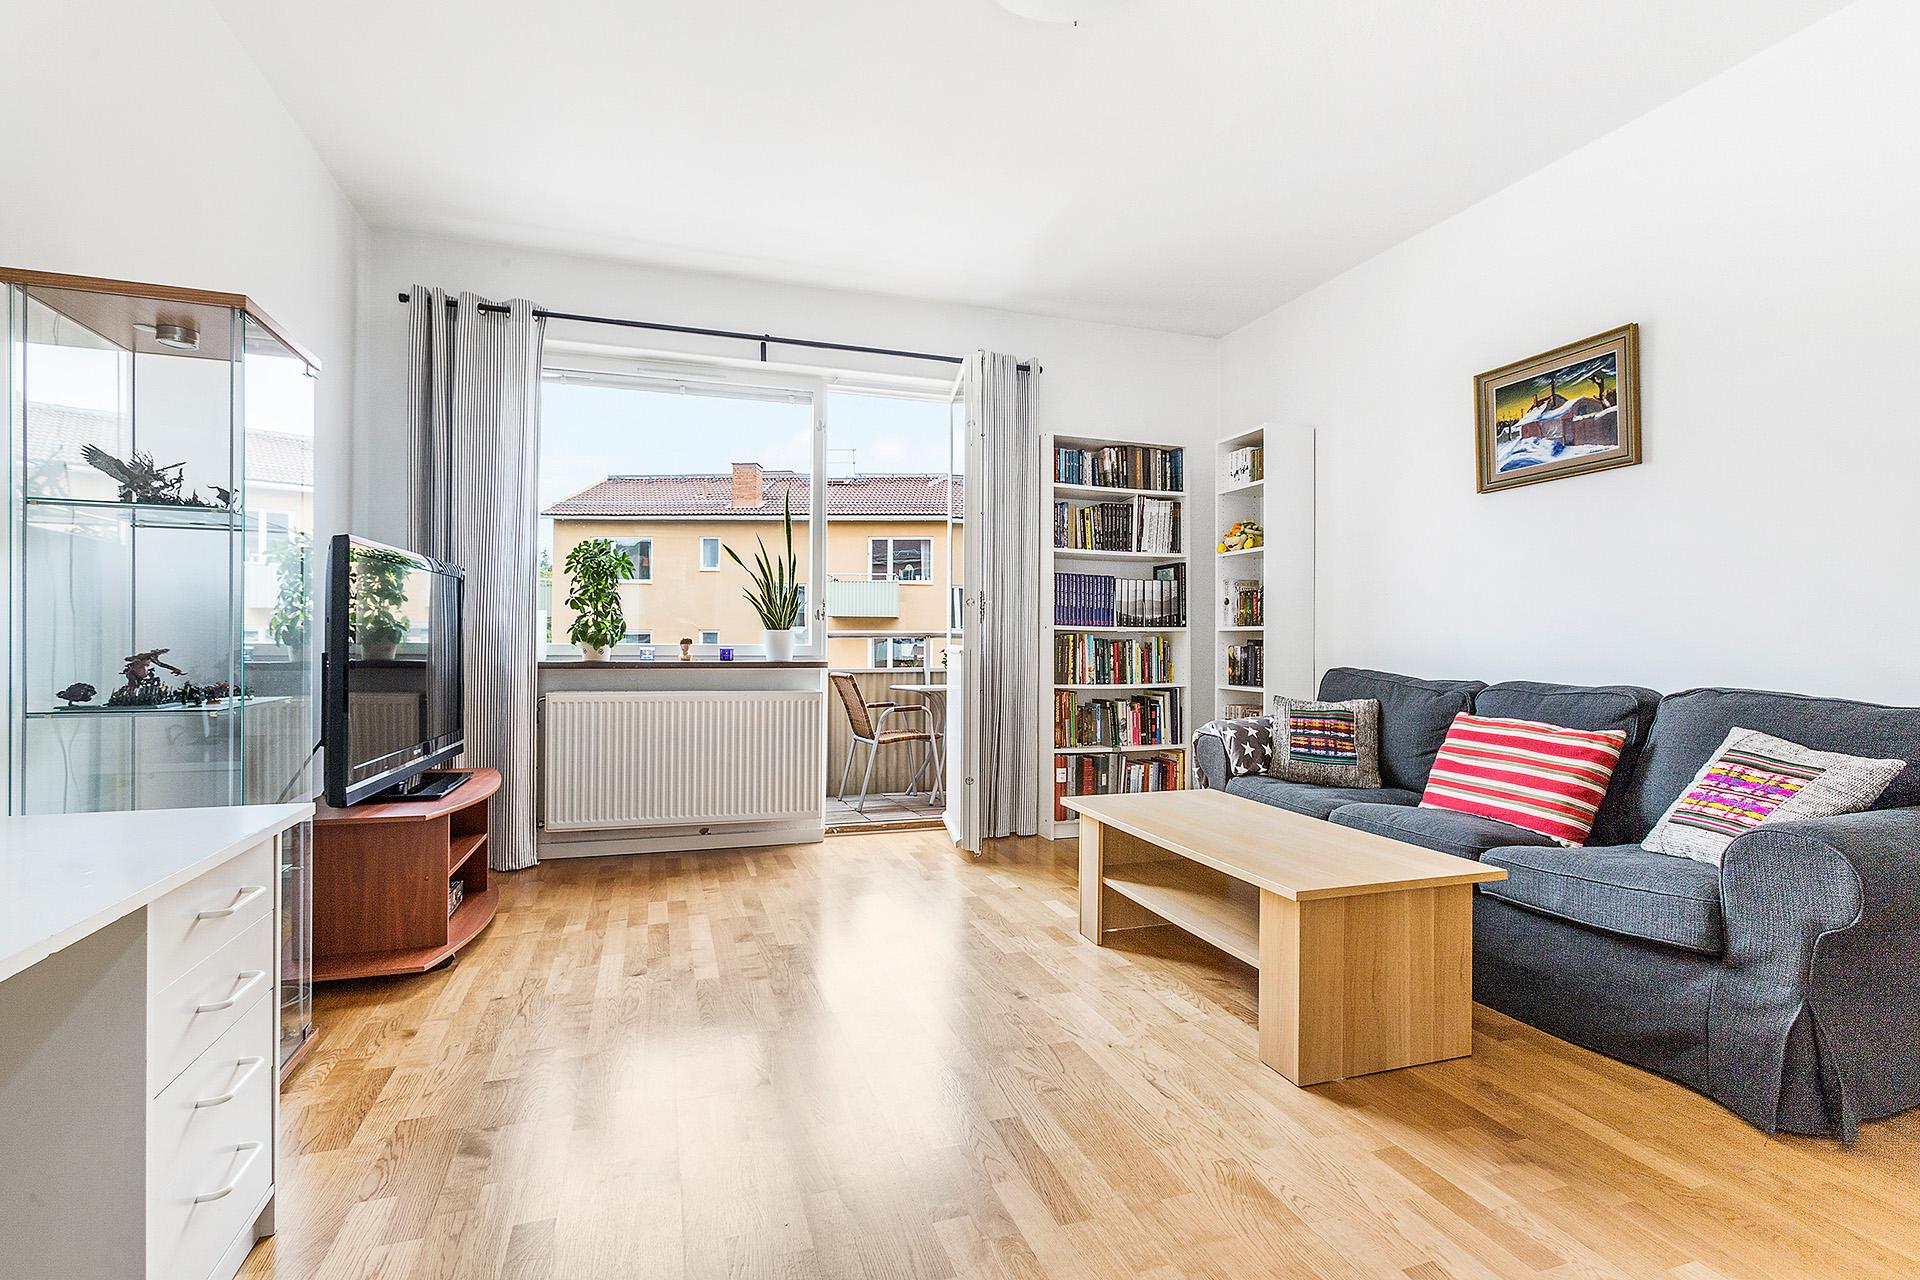 Luftigt vardagsrum med möbleringsalternativ